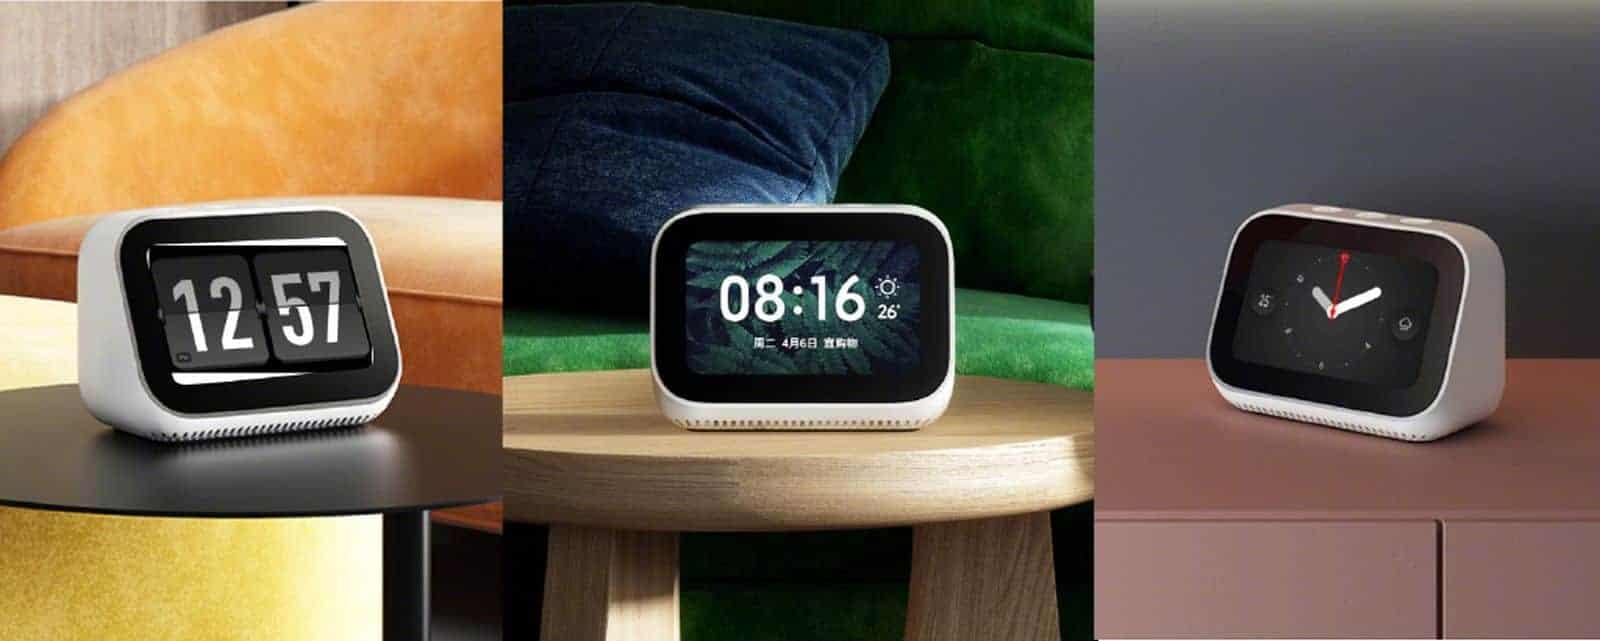 Xiaomi Home Hub 5 1